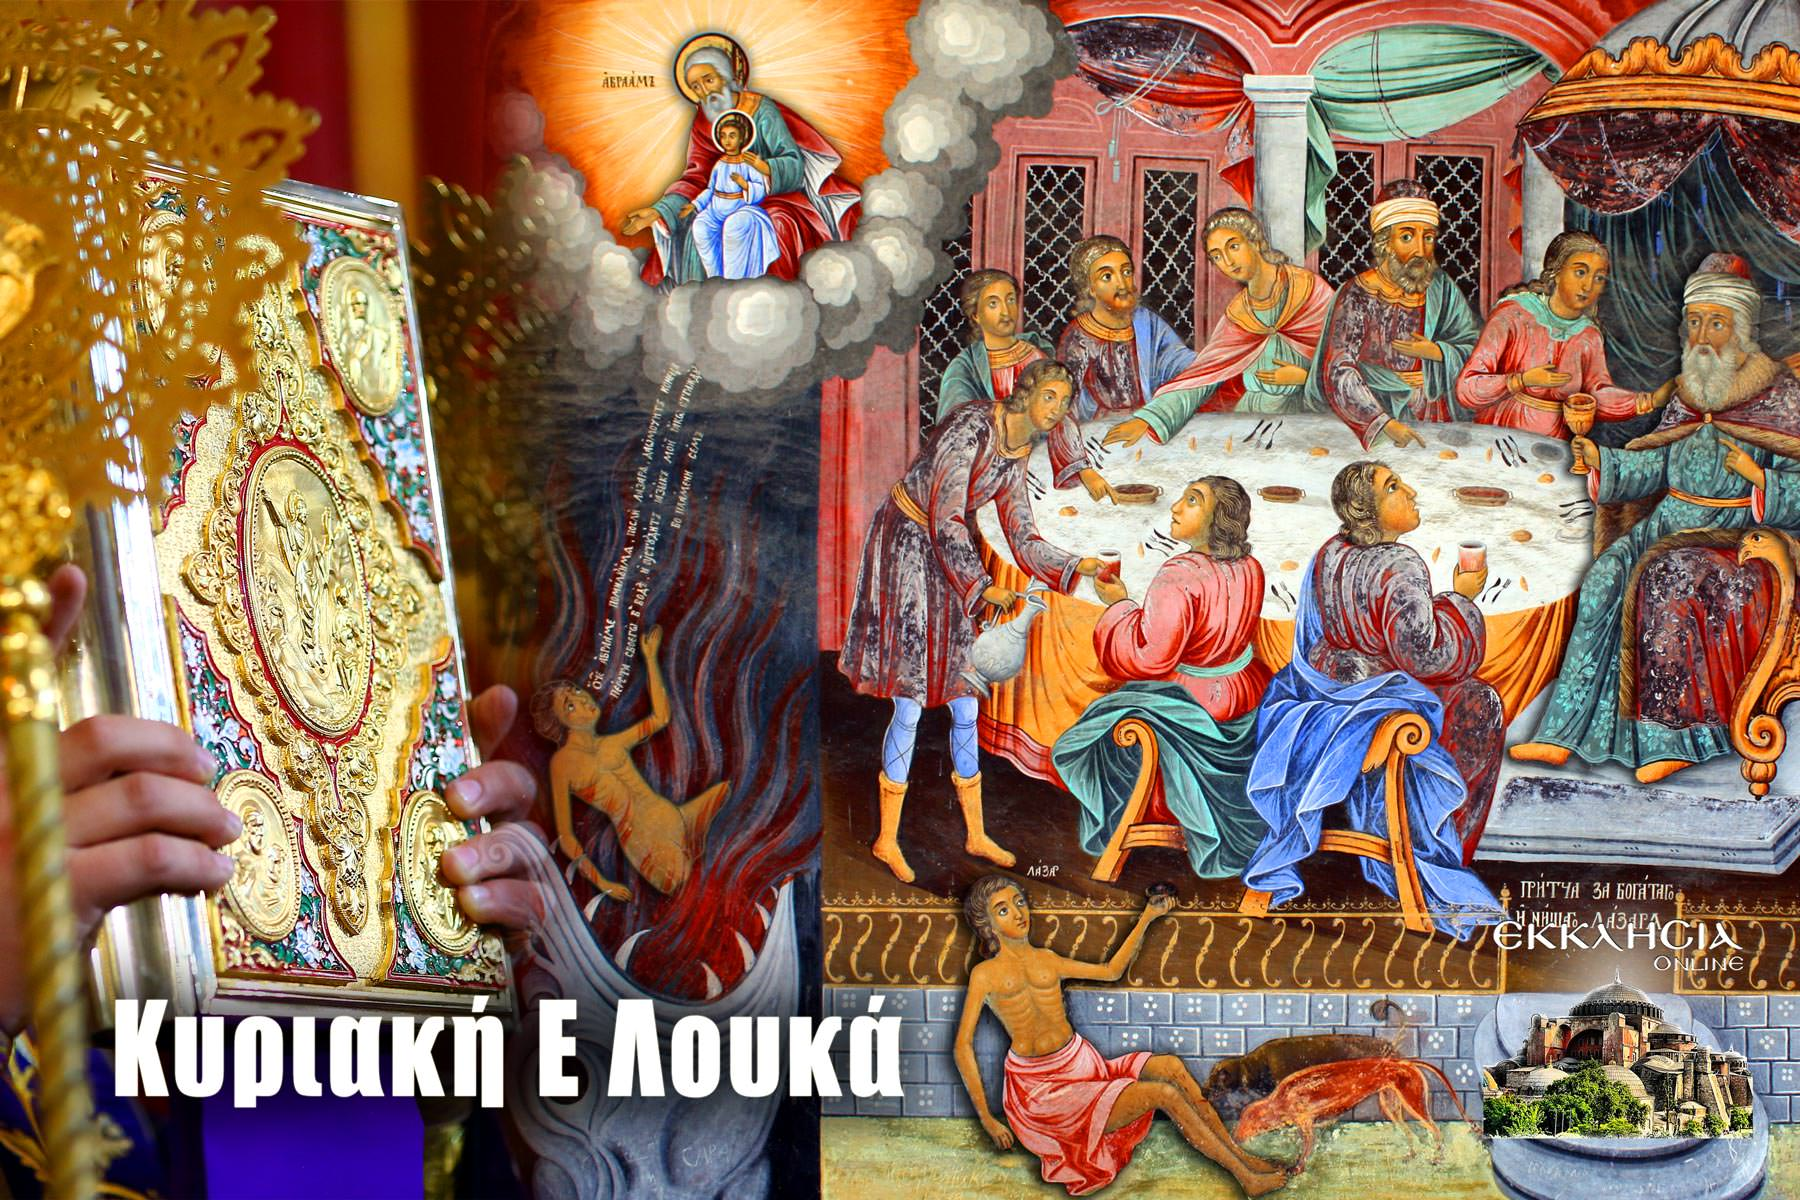 Ευαγγέλιο Κυριακής Ε Λουκά ο πλούσιος και ο φτωχός Λάζαρος